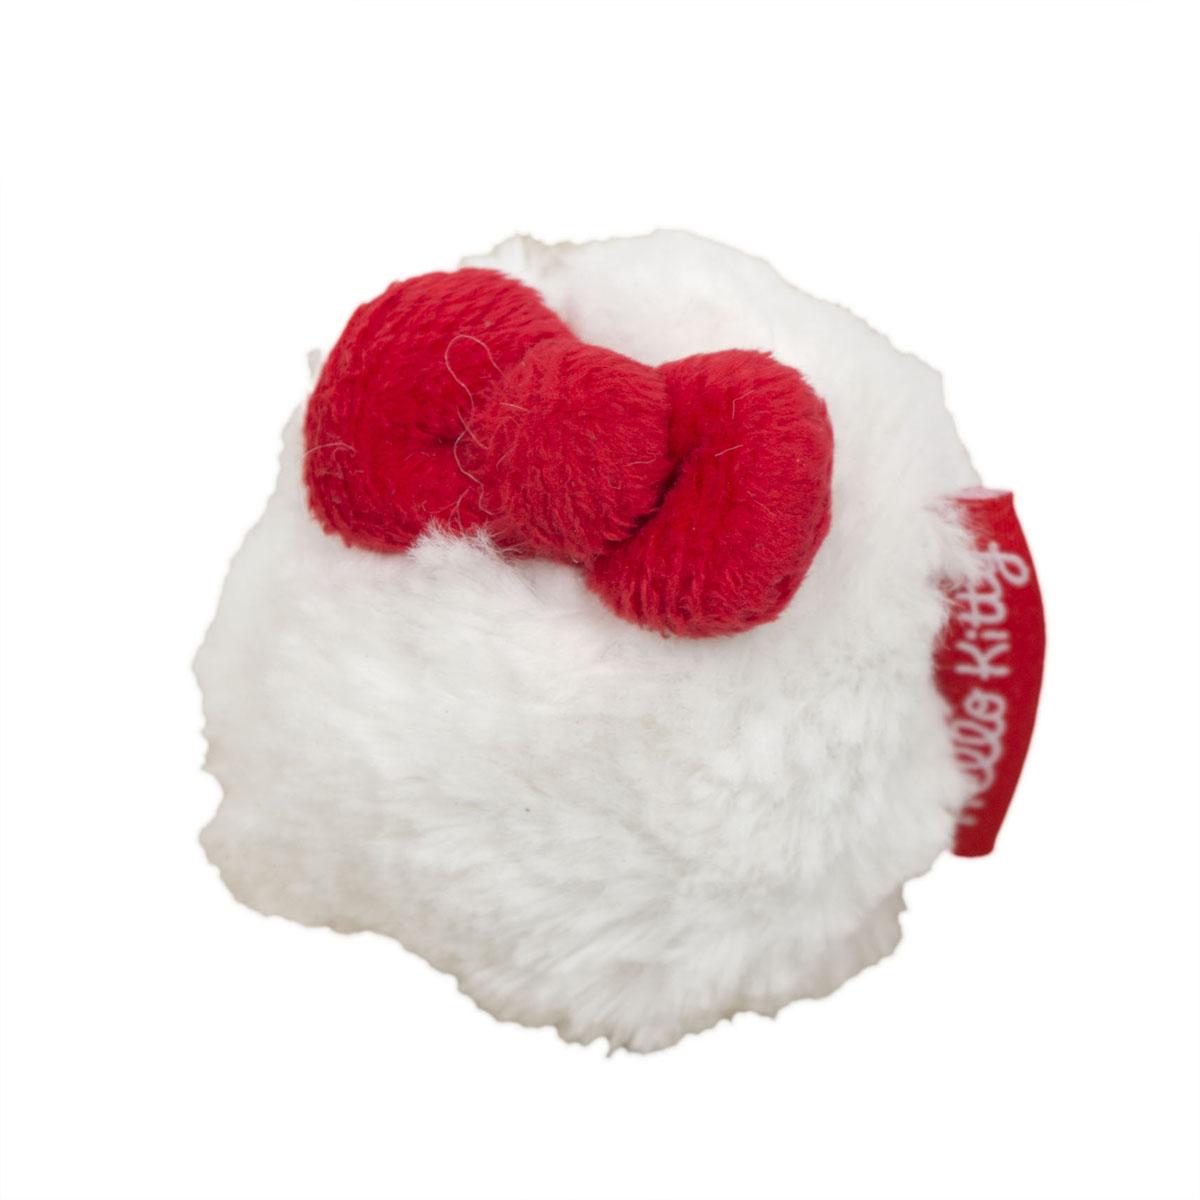 Игрушка для собак Hello Kitty Меховой мяч, диаметр 8 см0120710Игрушка для собак Hello Kitty Меховой мяч обязательно понравится вашему питомцу. Игрушка выполнена из пластика и мехового текстиля, украшена красным бантиком. Игрушка подходит для щенков и собак некрупных пород.